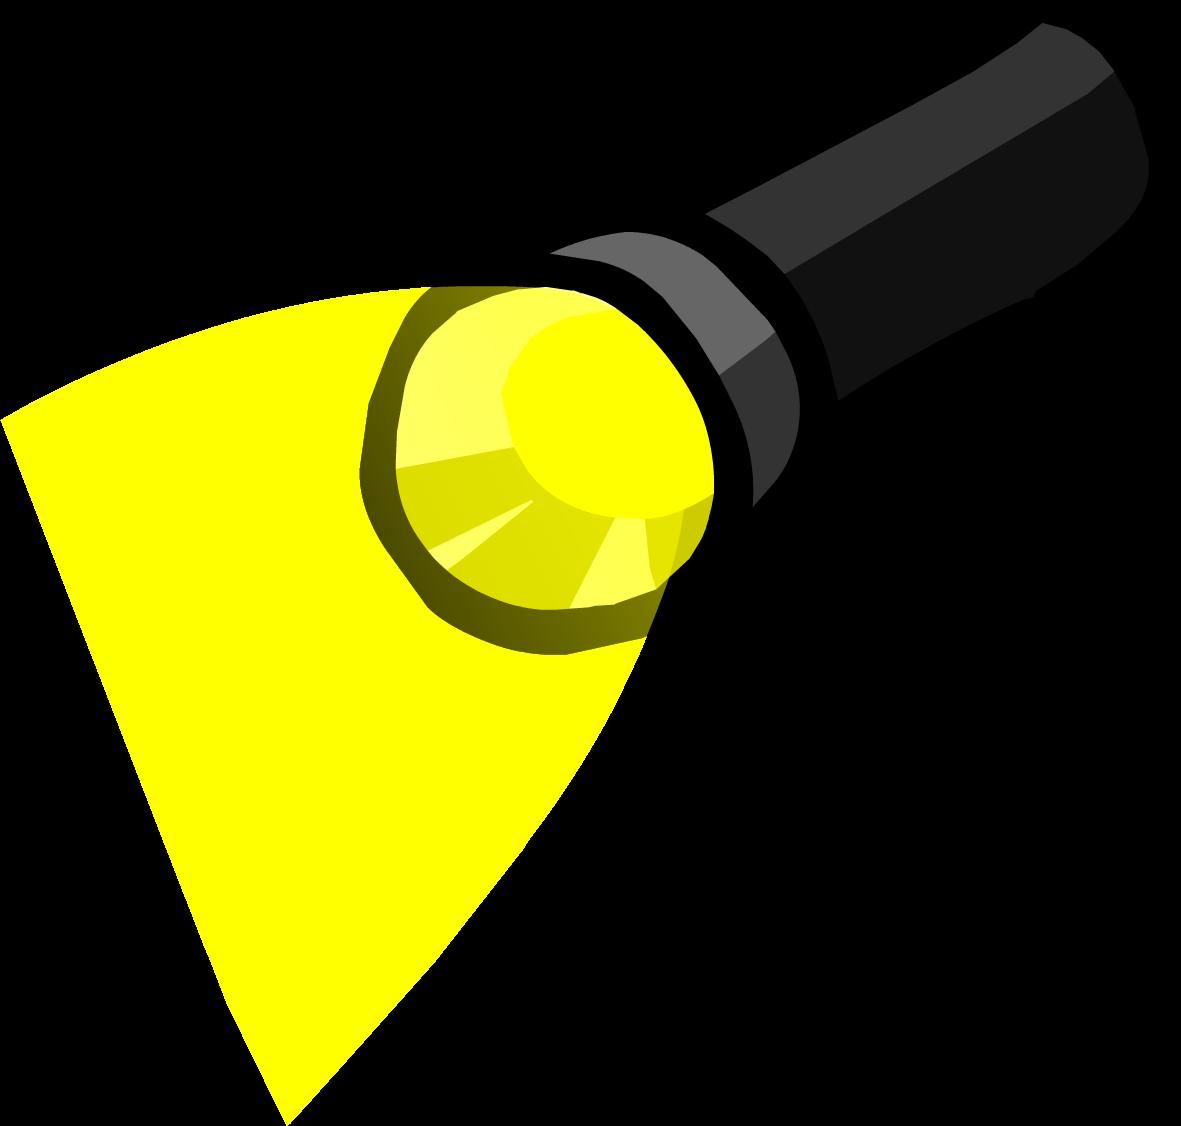 svg library stock Flashlight penguin wiki fandom. Light clipart club.